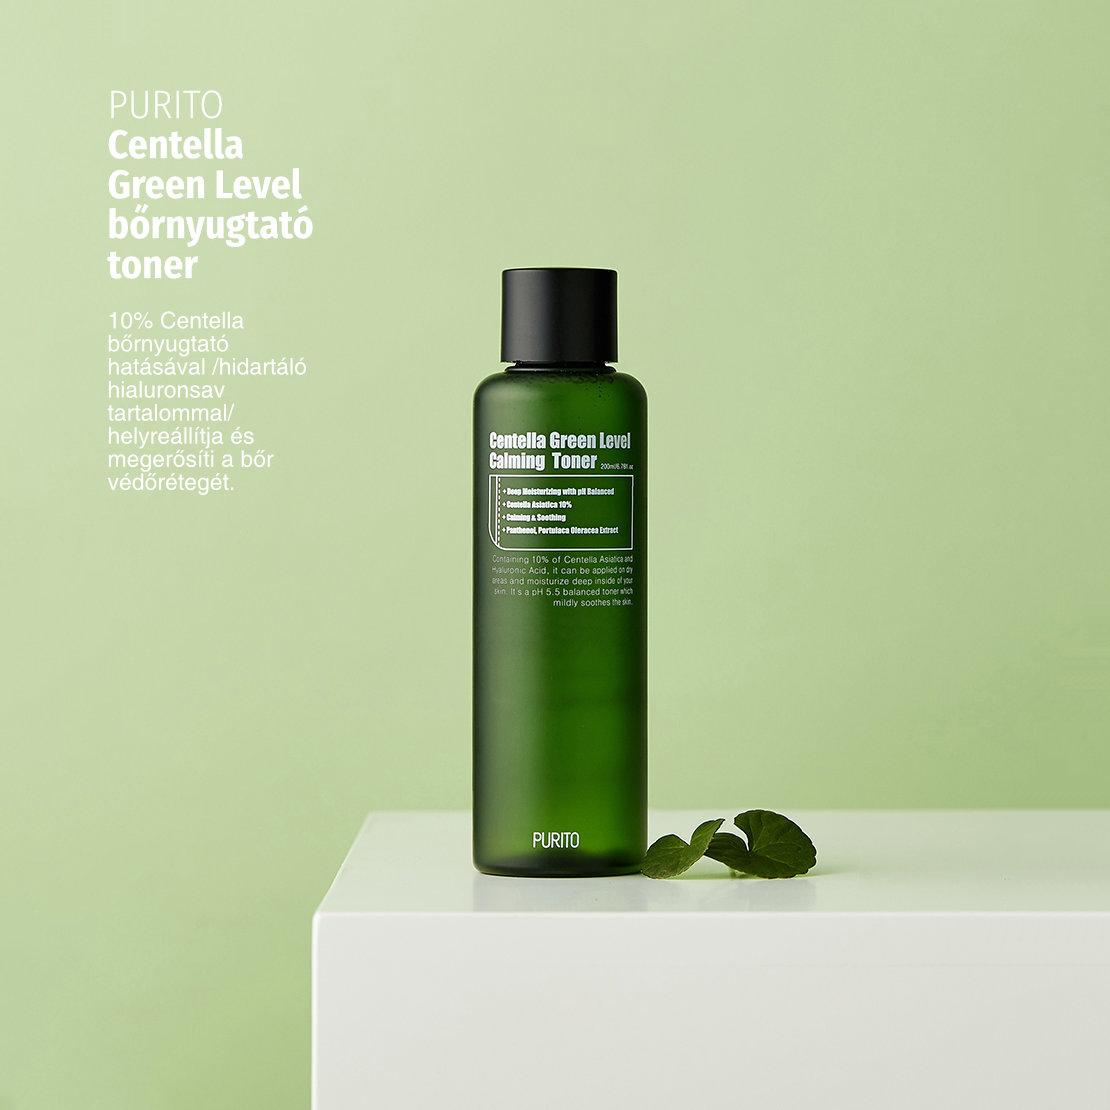 purito-Centella-Green-Level-bornyugtato-toner